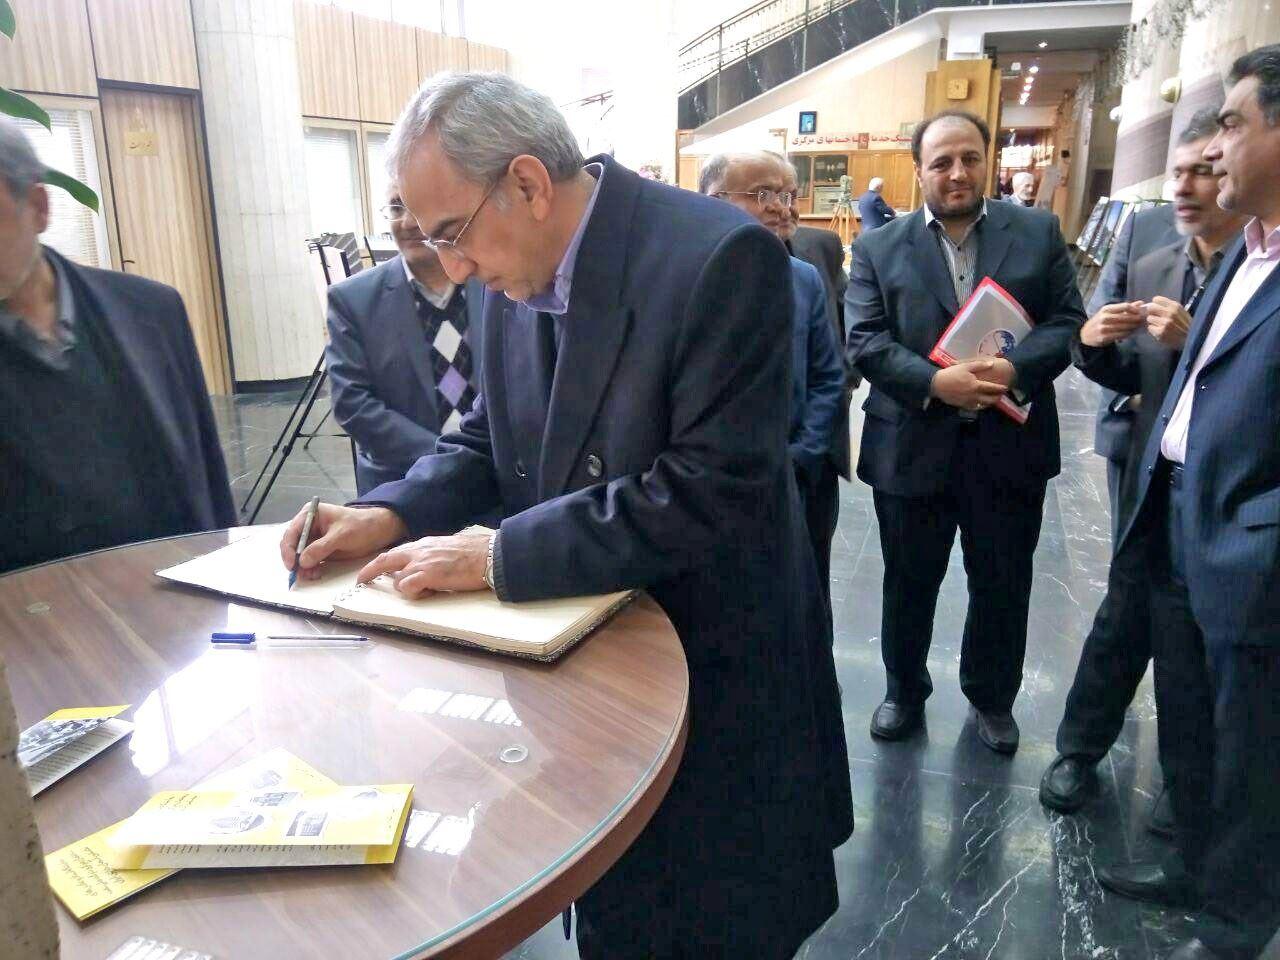 مهندس بیطرف از زحمات مسئولان موزه نفت قدردانی کرد